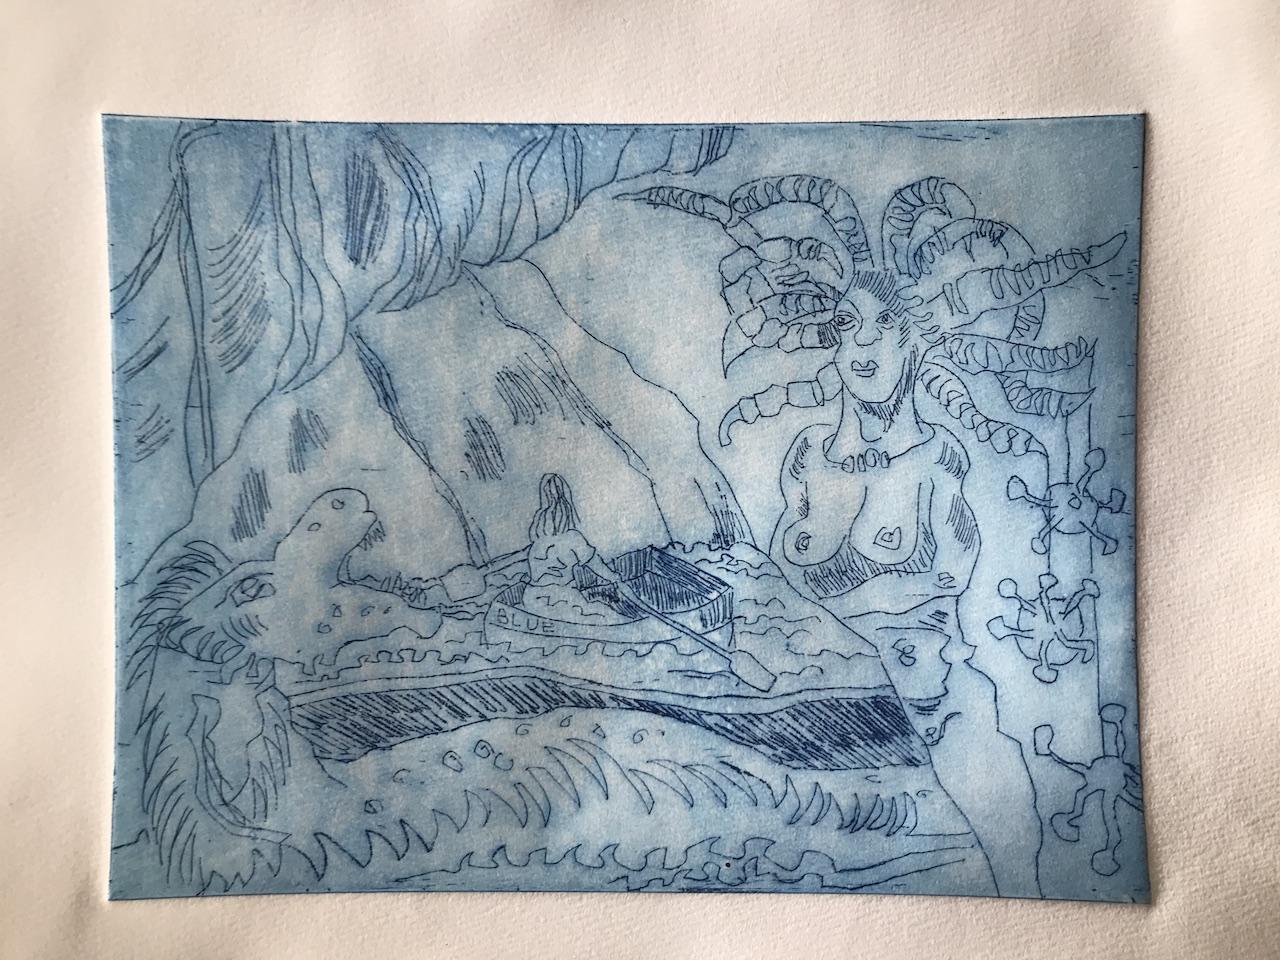 Strichätzung, Die blaue Grotte, Version 2, 15 x 20 cm, Aquatinta von Susanne Haun (c) VG Bild-Kunst, Bonn 2020.JPG